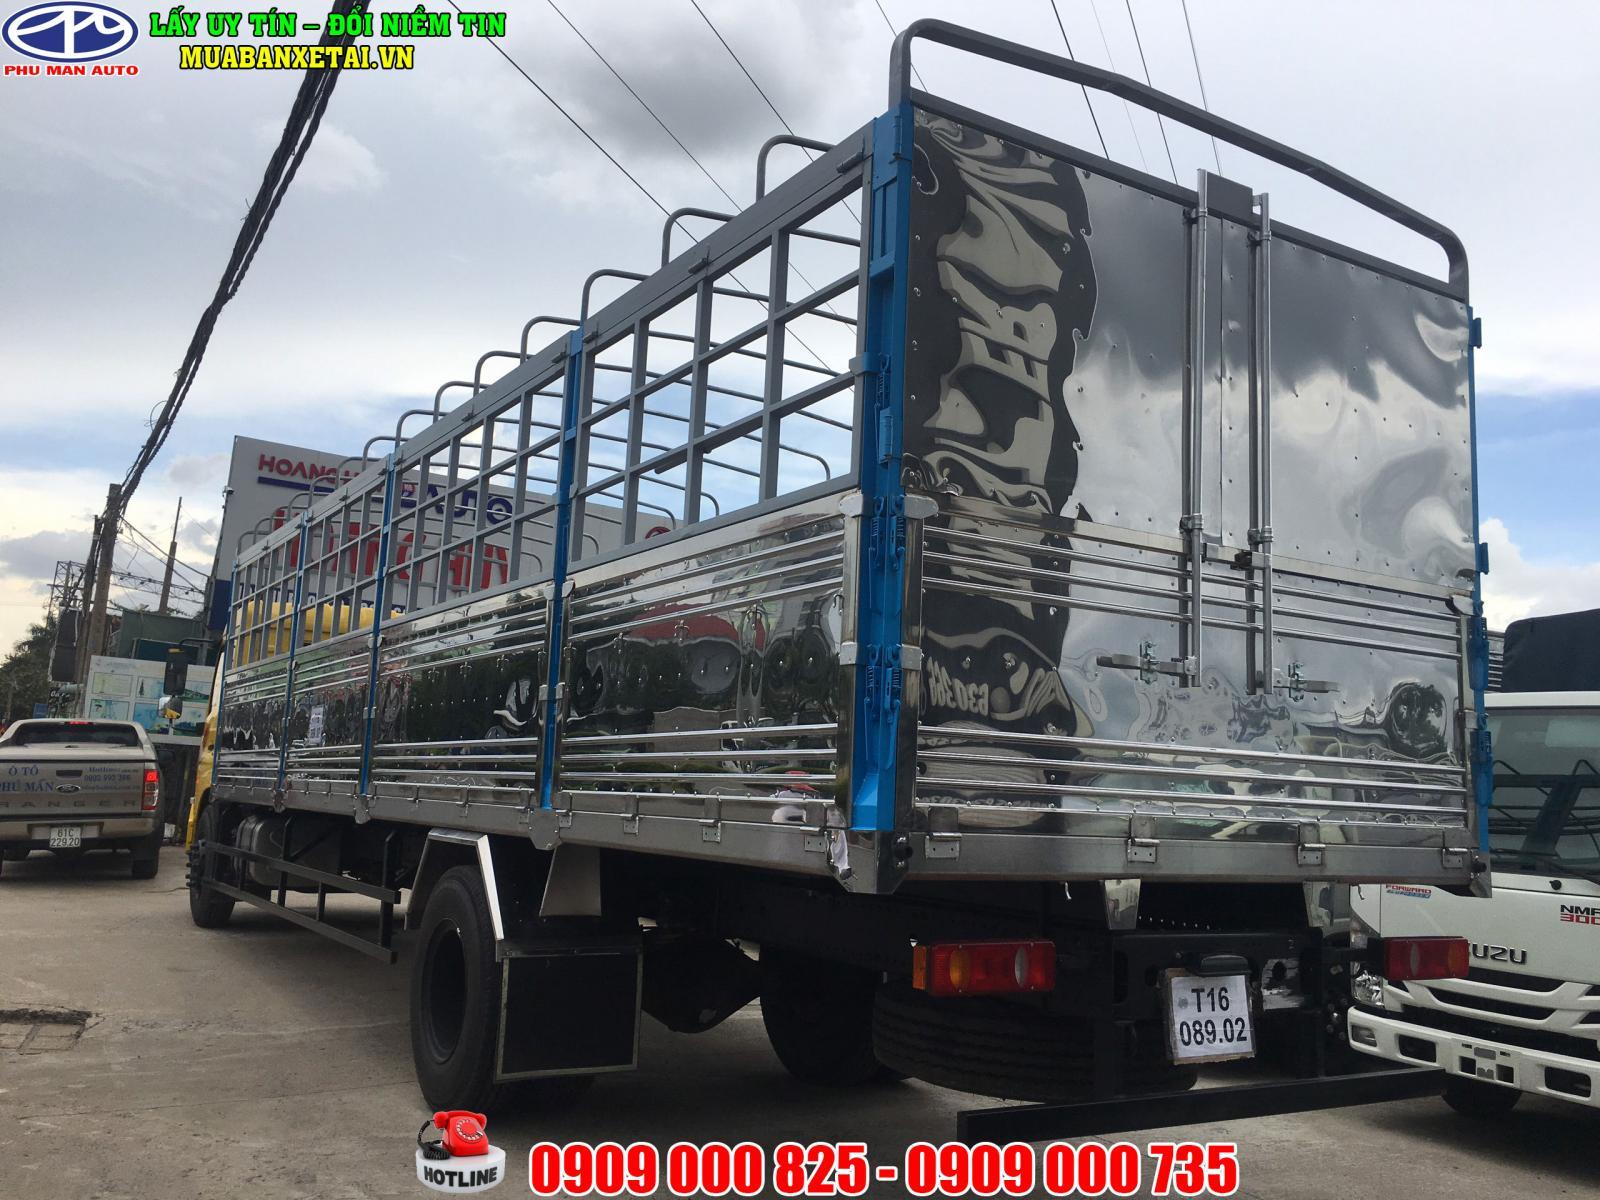 Xe TẢI DONGFENG 8 tấn B180 thùng dài 9m7 – Mới nhất – Dongfeng Hoàng Huy B180